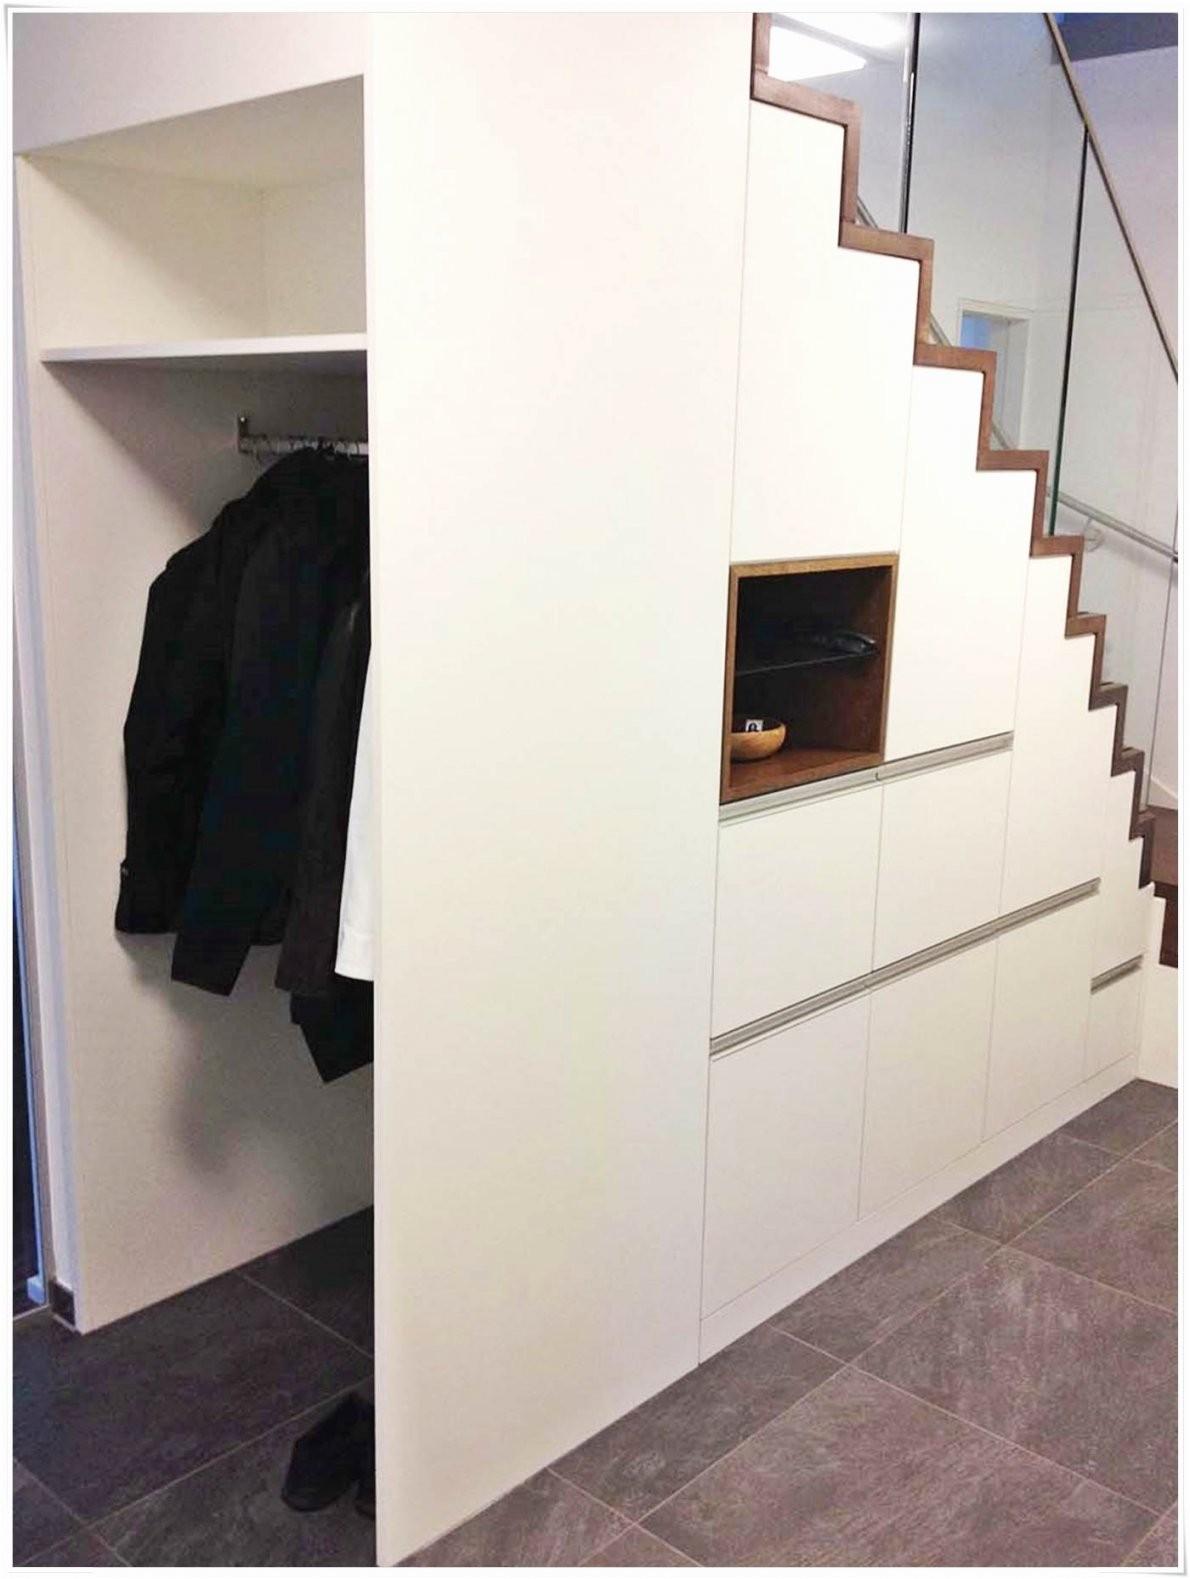 Neu Schrank Unter Treppe Luxus Profituit Ist Luxus Design Von Treppe von Schrank Unter Treppe Selber Bauen Bild